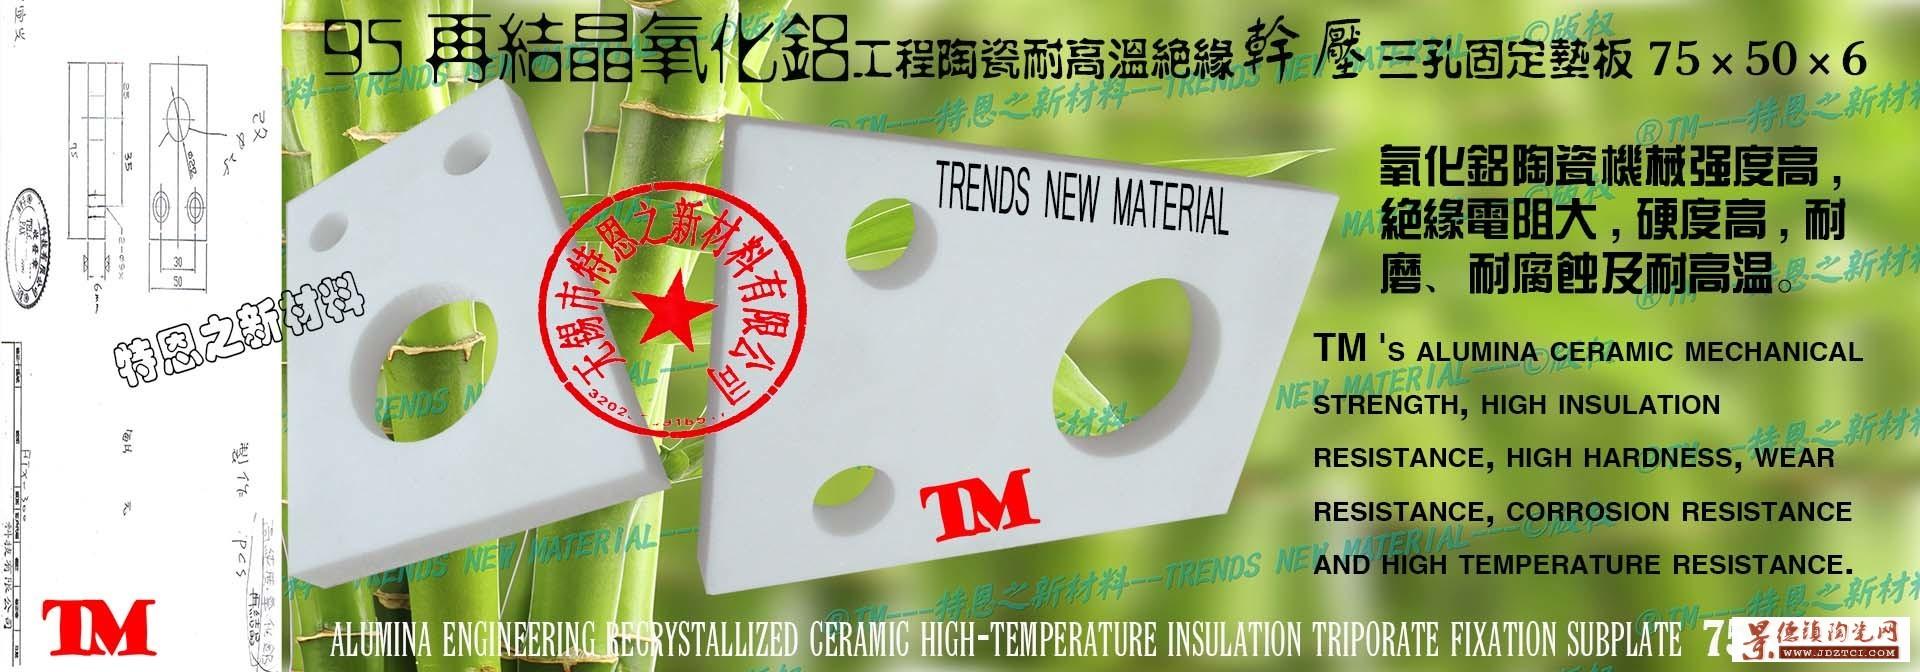 95再结晶氧化铝干压工程陶瓷耐高温绝缘三孔固定垫板